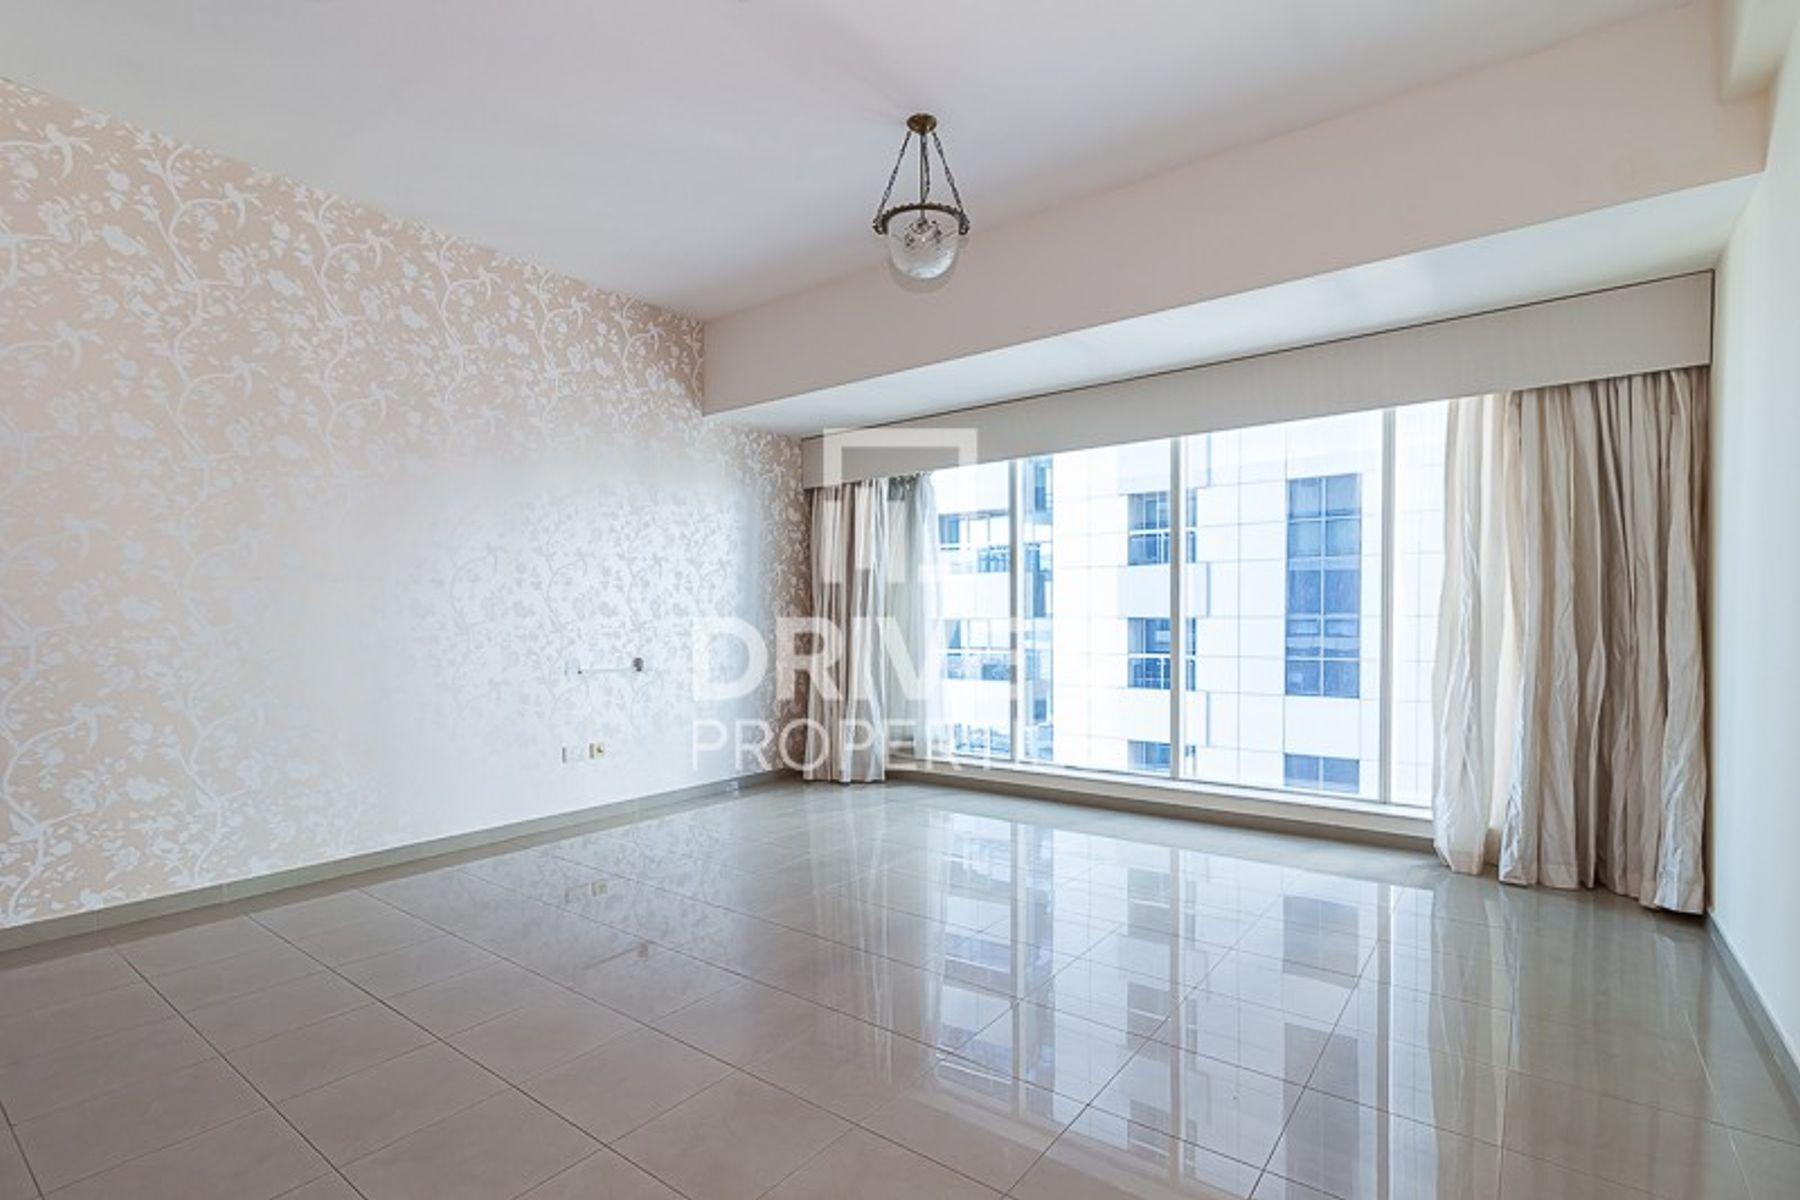 للايجار - شقة - تاج الإمارات - دبي مارينا